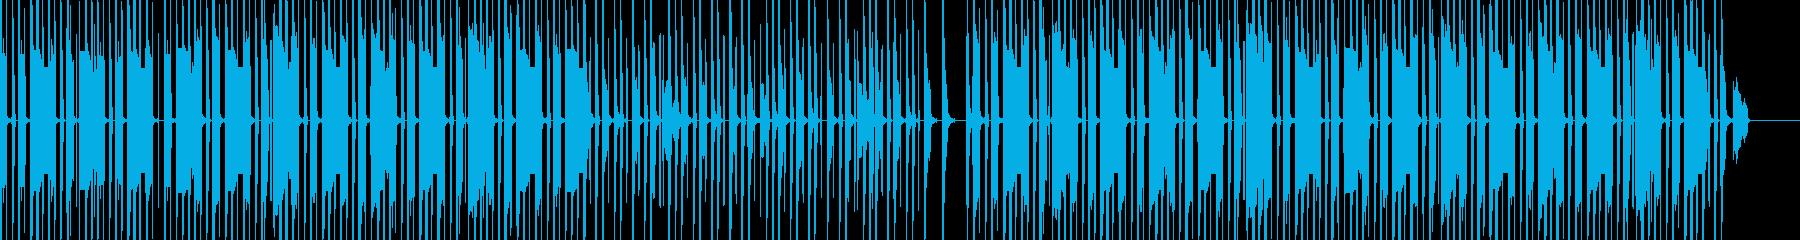 アニメ/アプリで使用なBGMの再生済みの波形